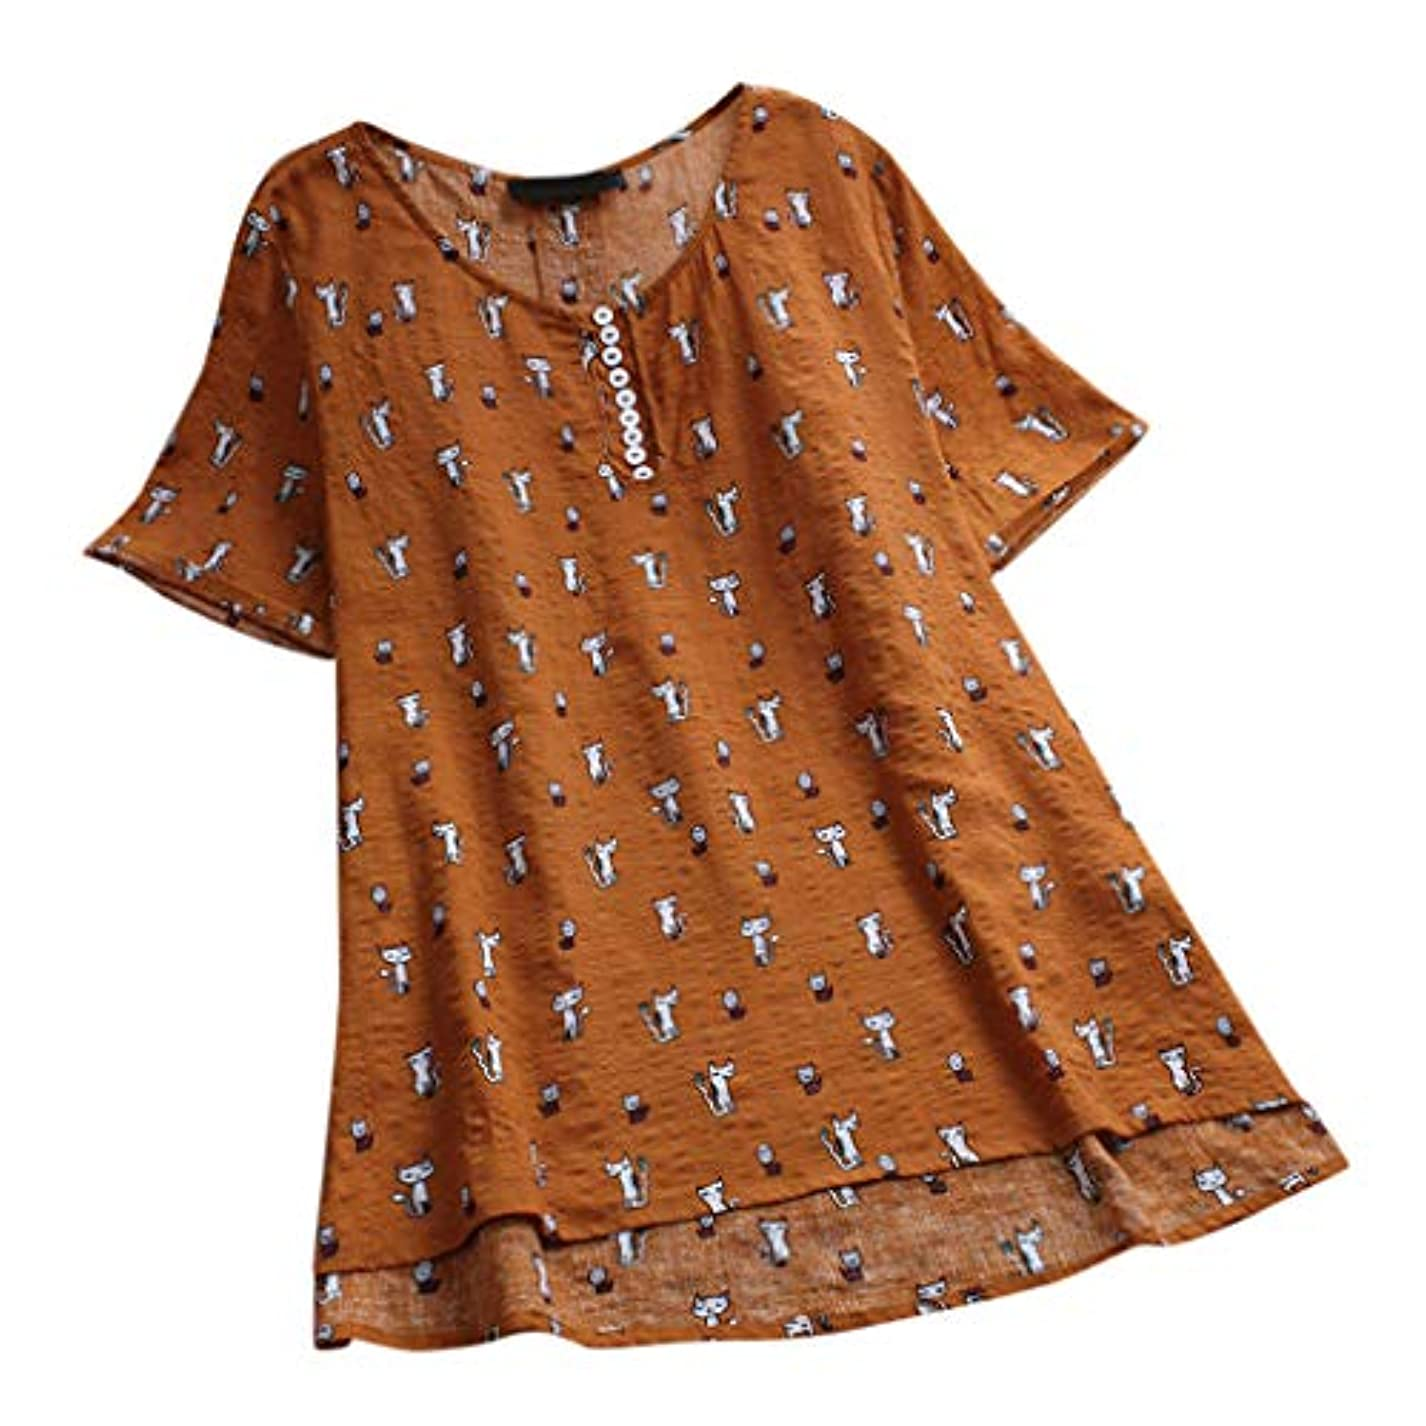 輸血自発的スライムレディース tシャツ プラスサイズ 半袖 丸首 猫プリント ボタン ビンテージ チュニック トップス 短いドレス ブラウス 人気 夏服 快適な 軽い 柔らかい かっこいい ワイシャツ カジュアル シンプル オシャレ 春夏秋 対応